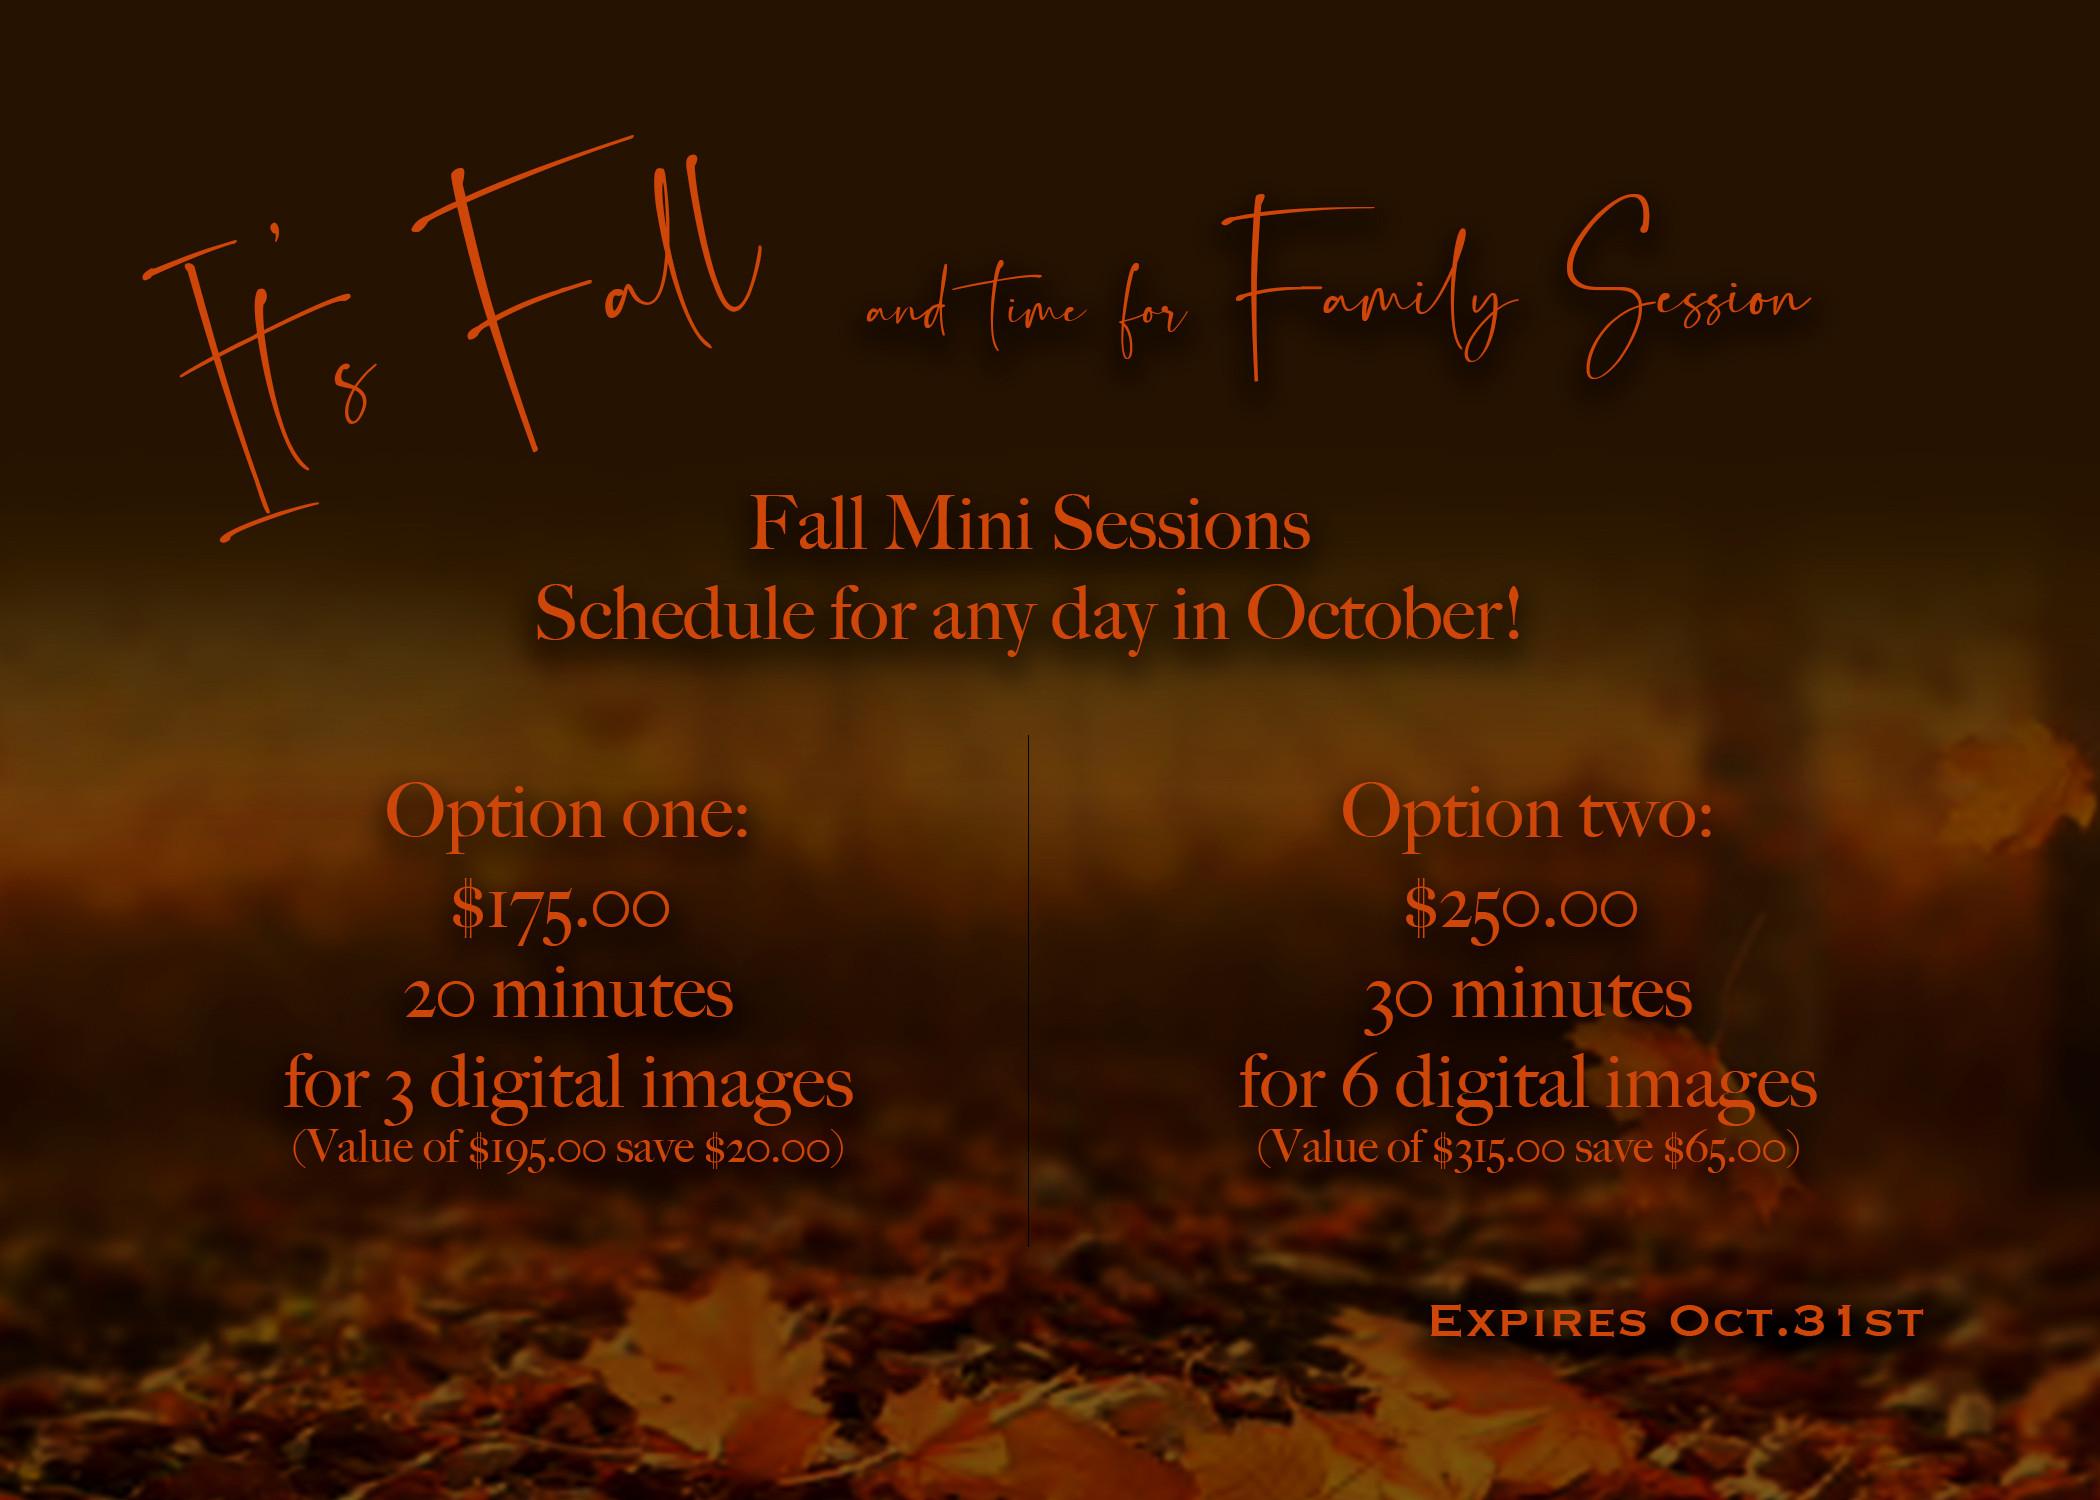 Fall Mini Session - Option 1